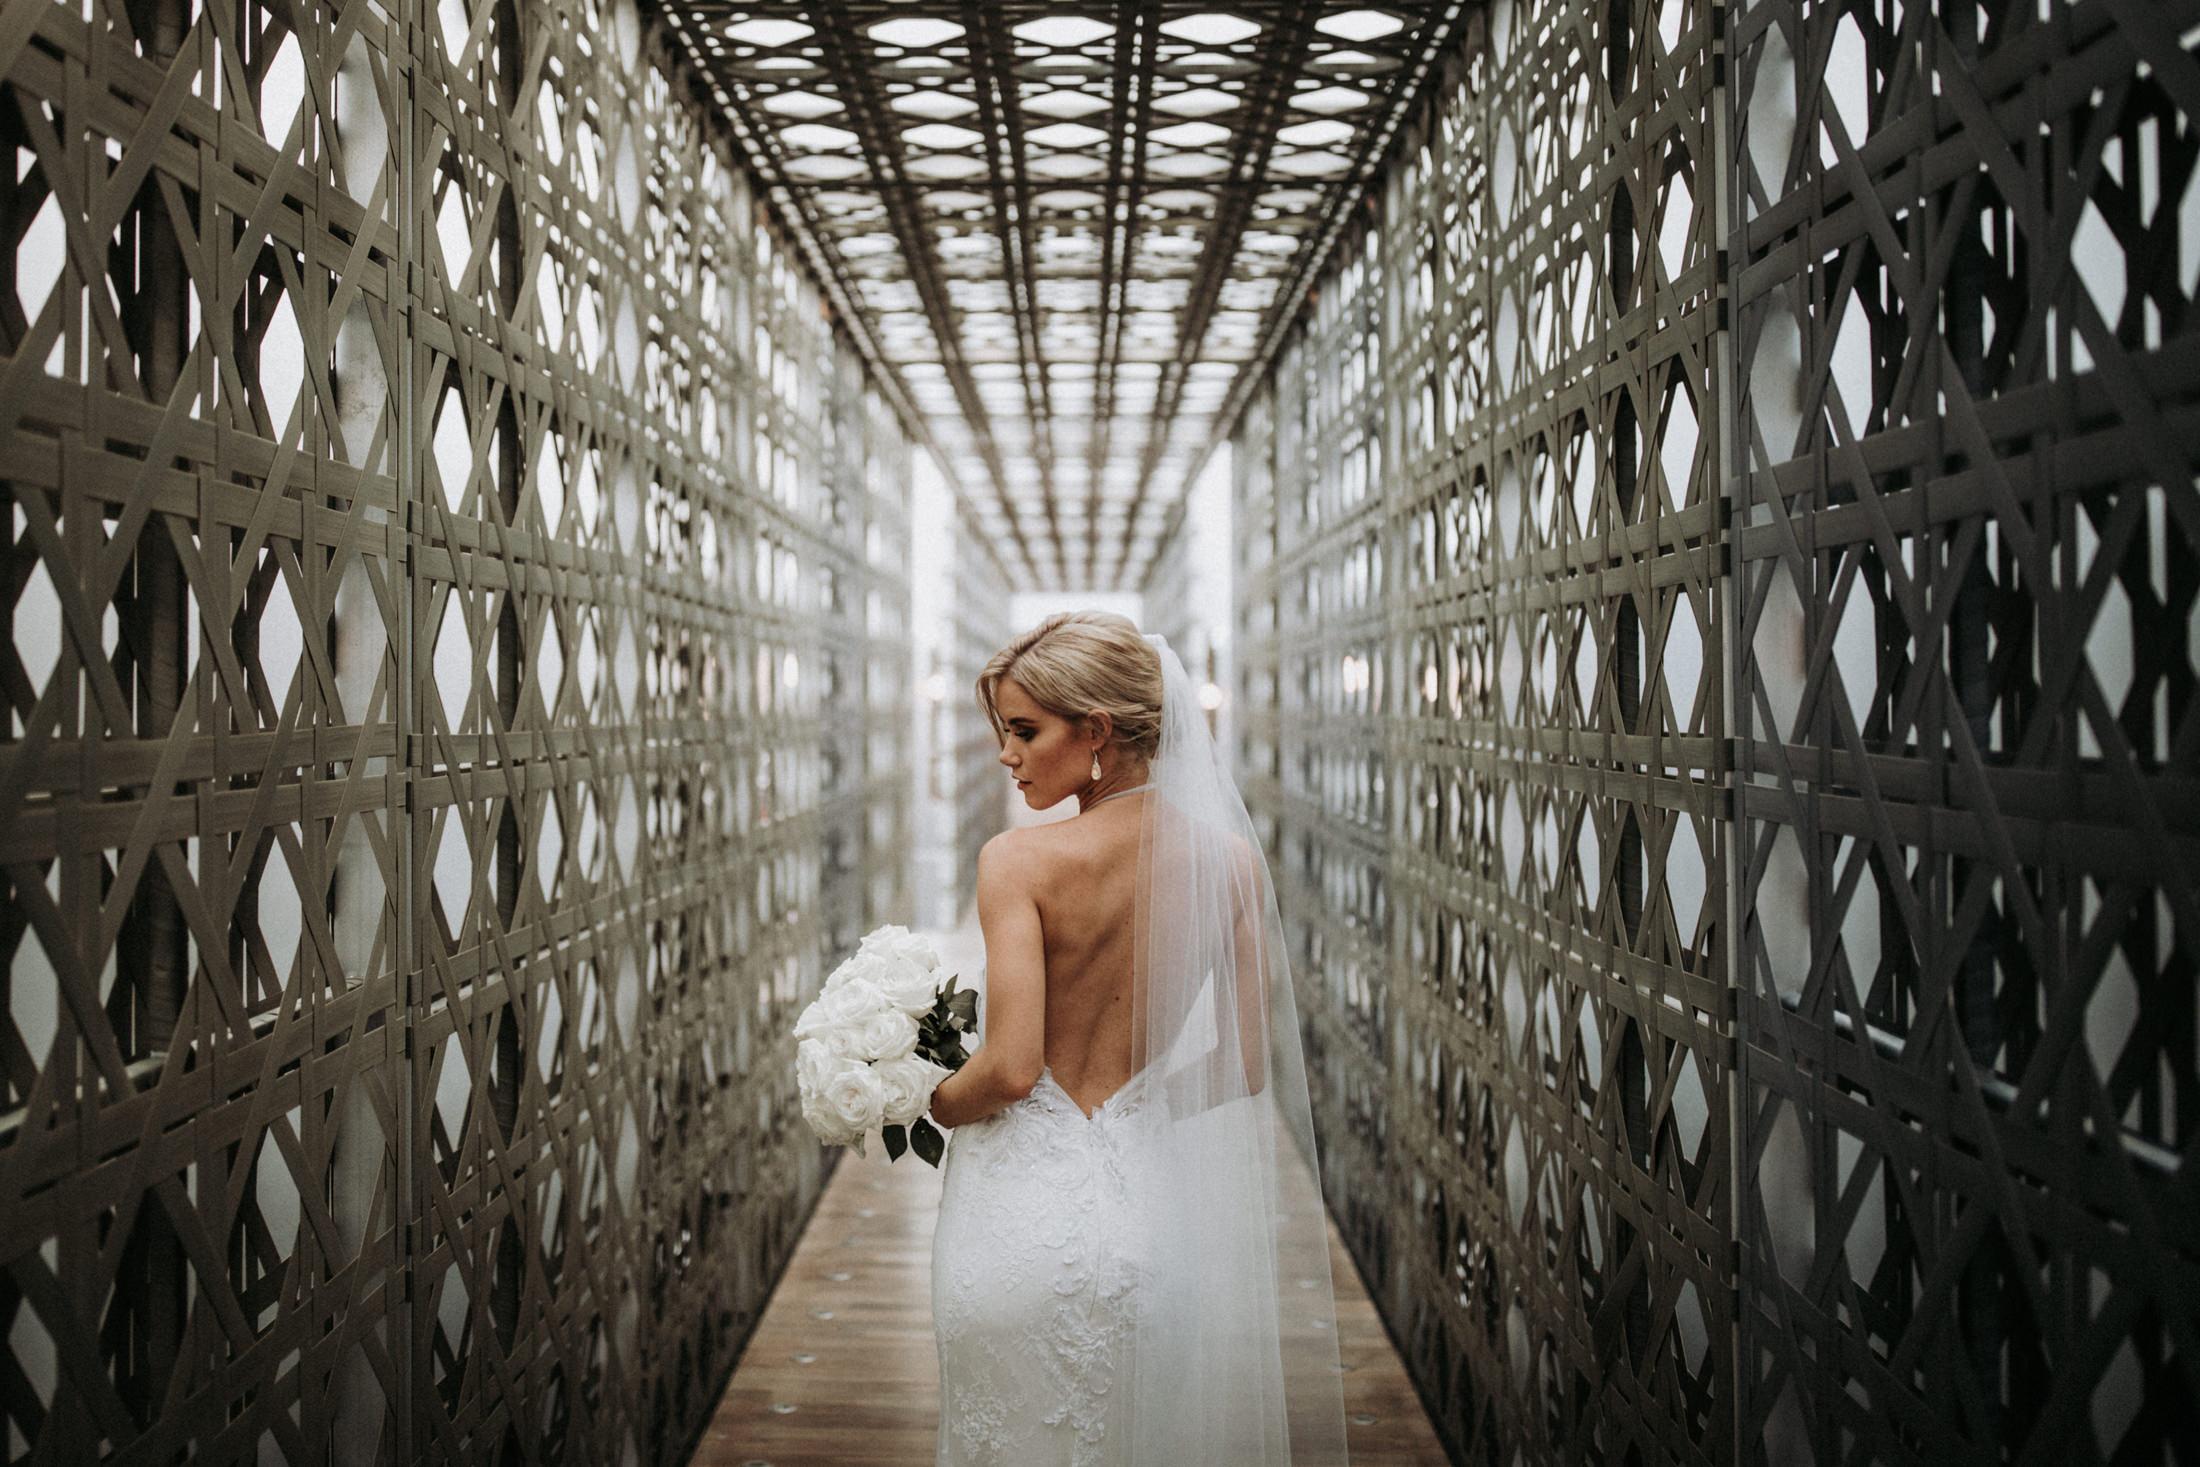 DanielaMarquardt_Wedding_Thailand_317